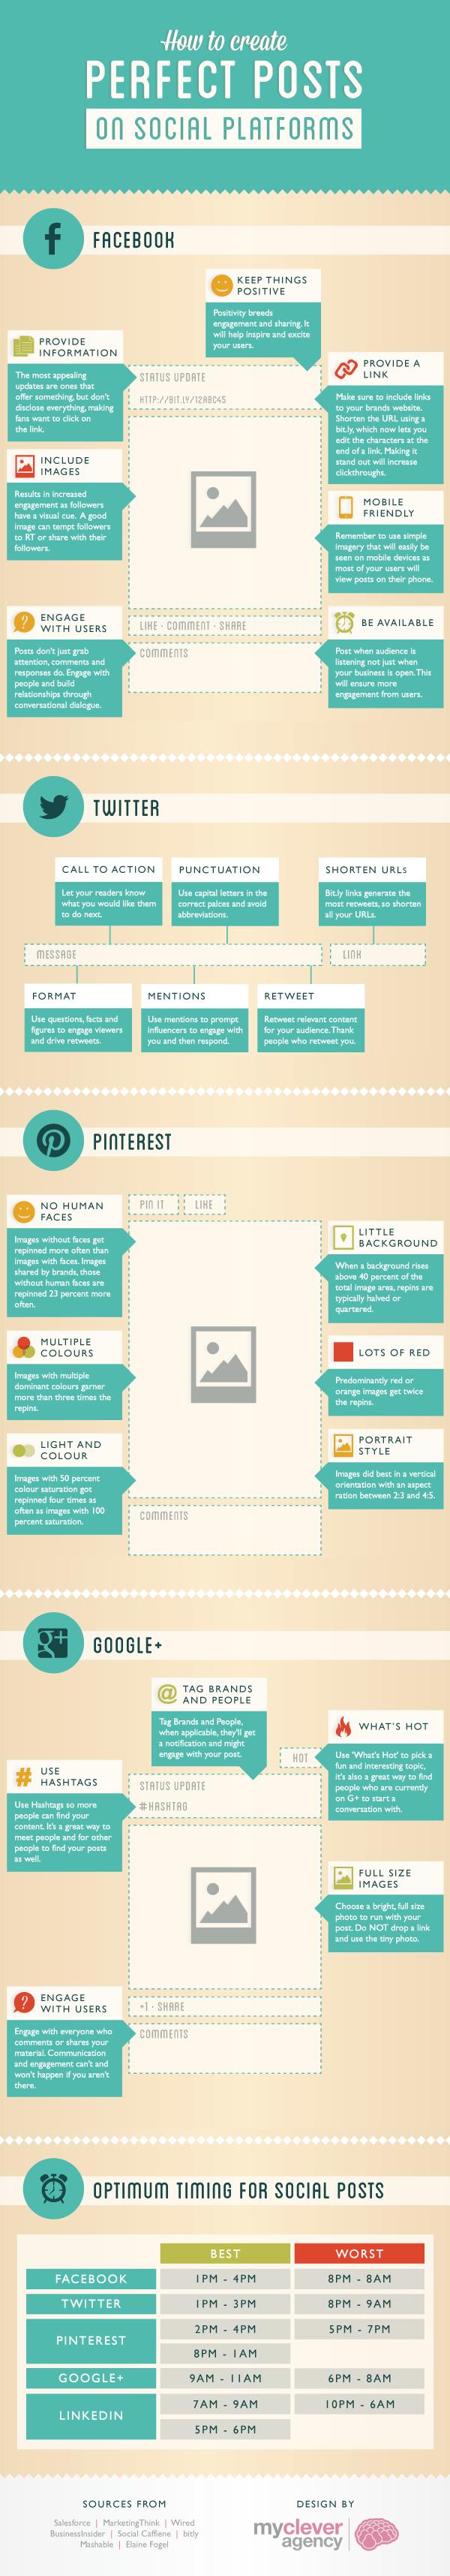 PerfectsocialmediaPost-Infographic